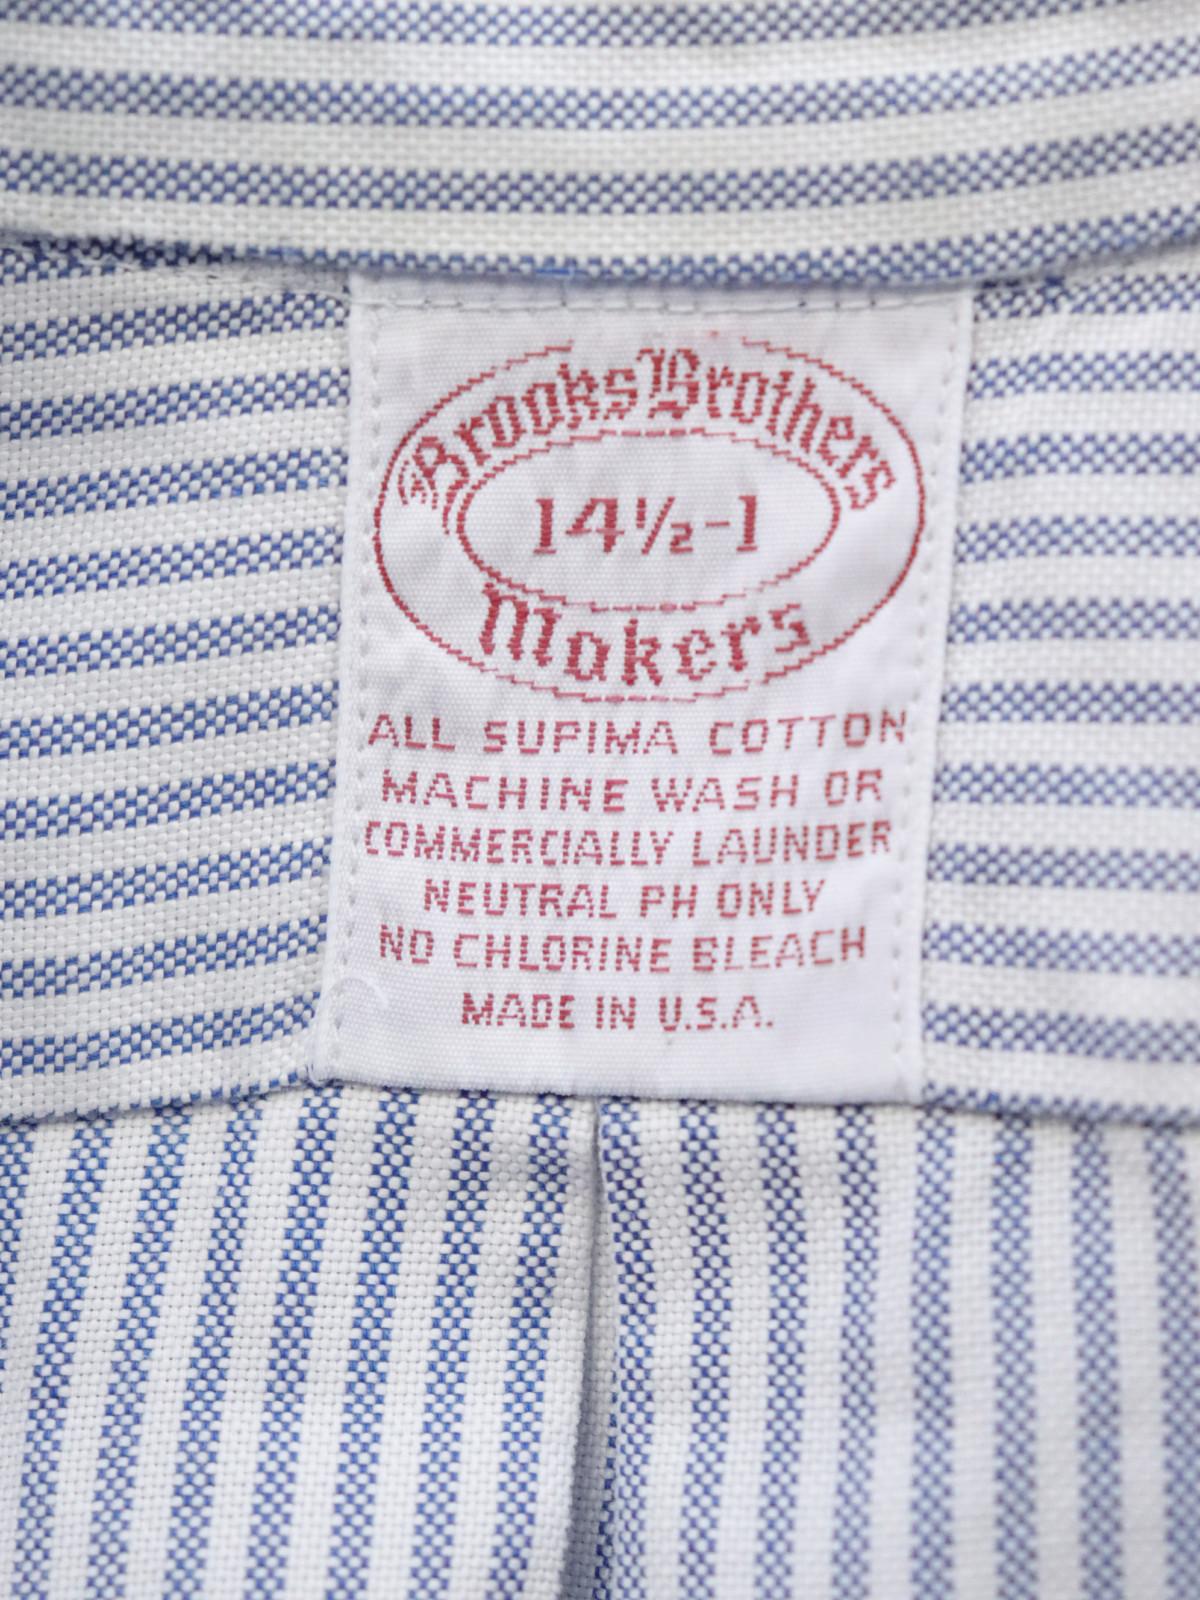 _Brooks Brothers,USA,cotton shirts,